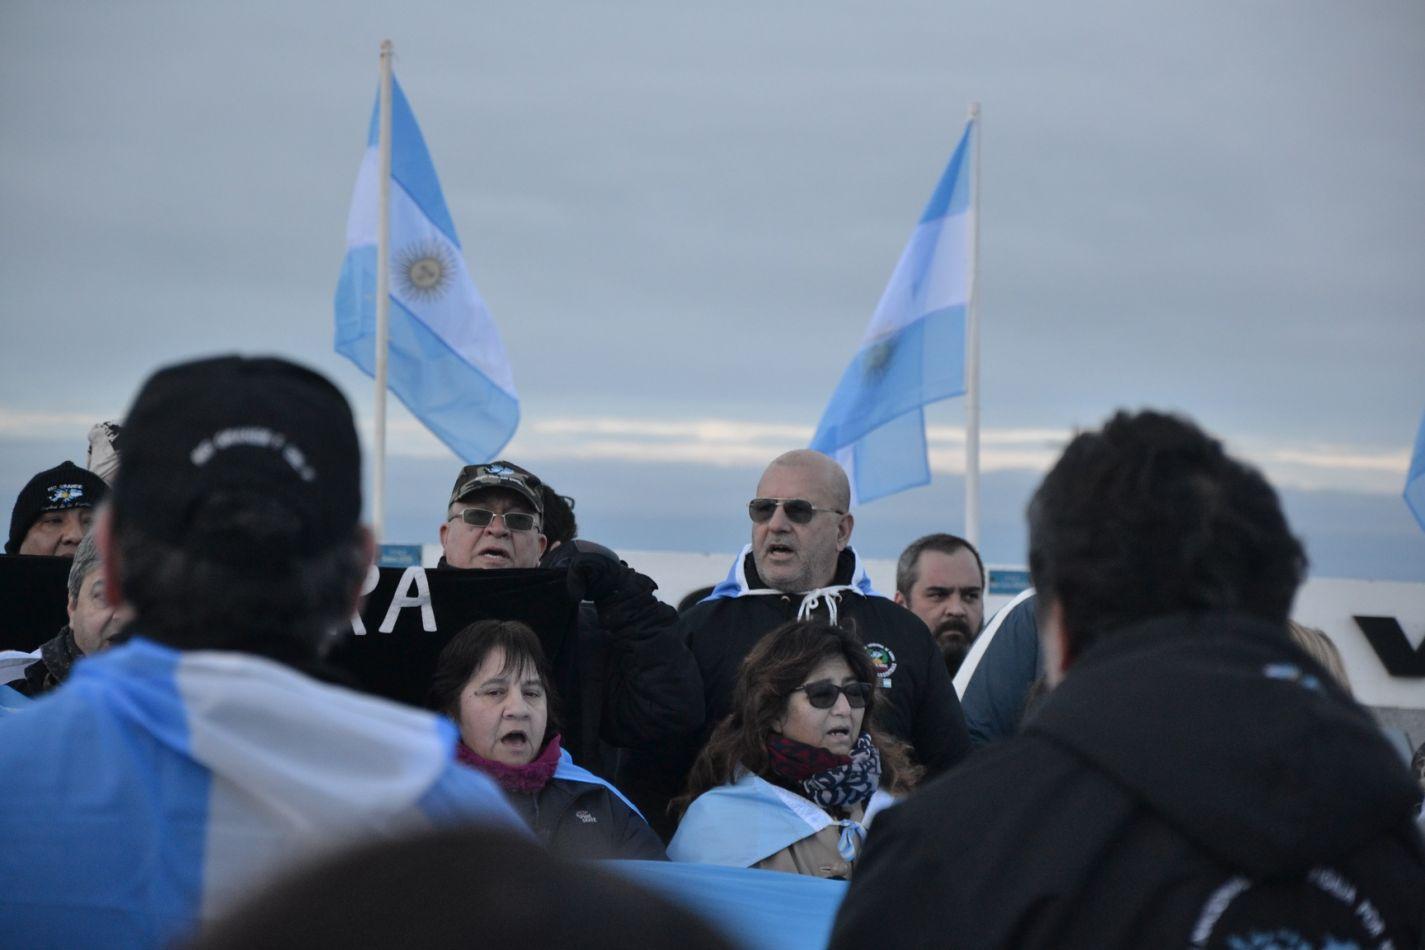 Veteranos de guerra marcharon en defensa de la Soberanía de Malvinas